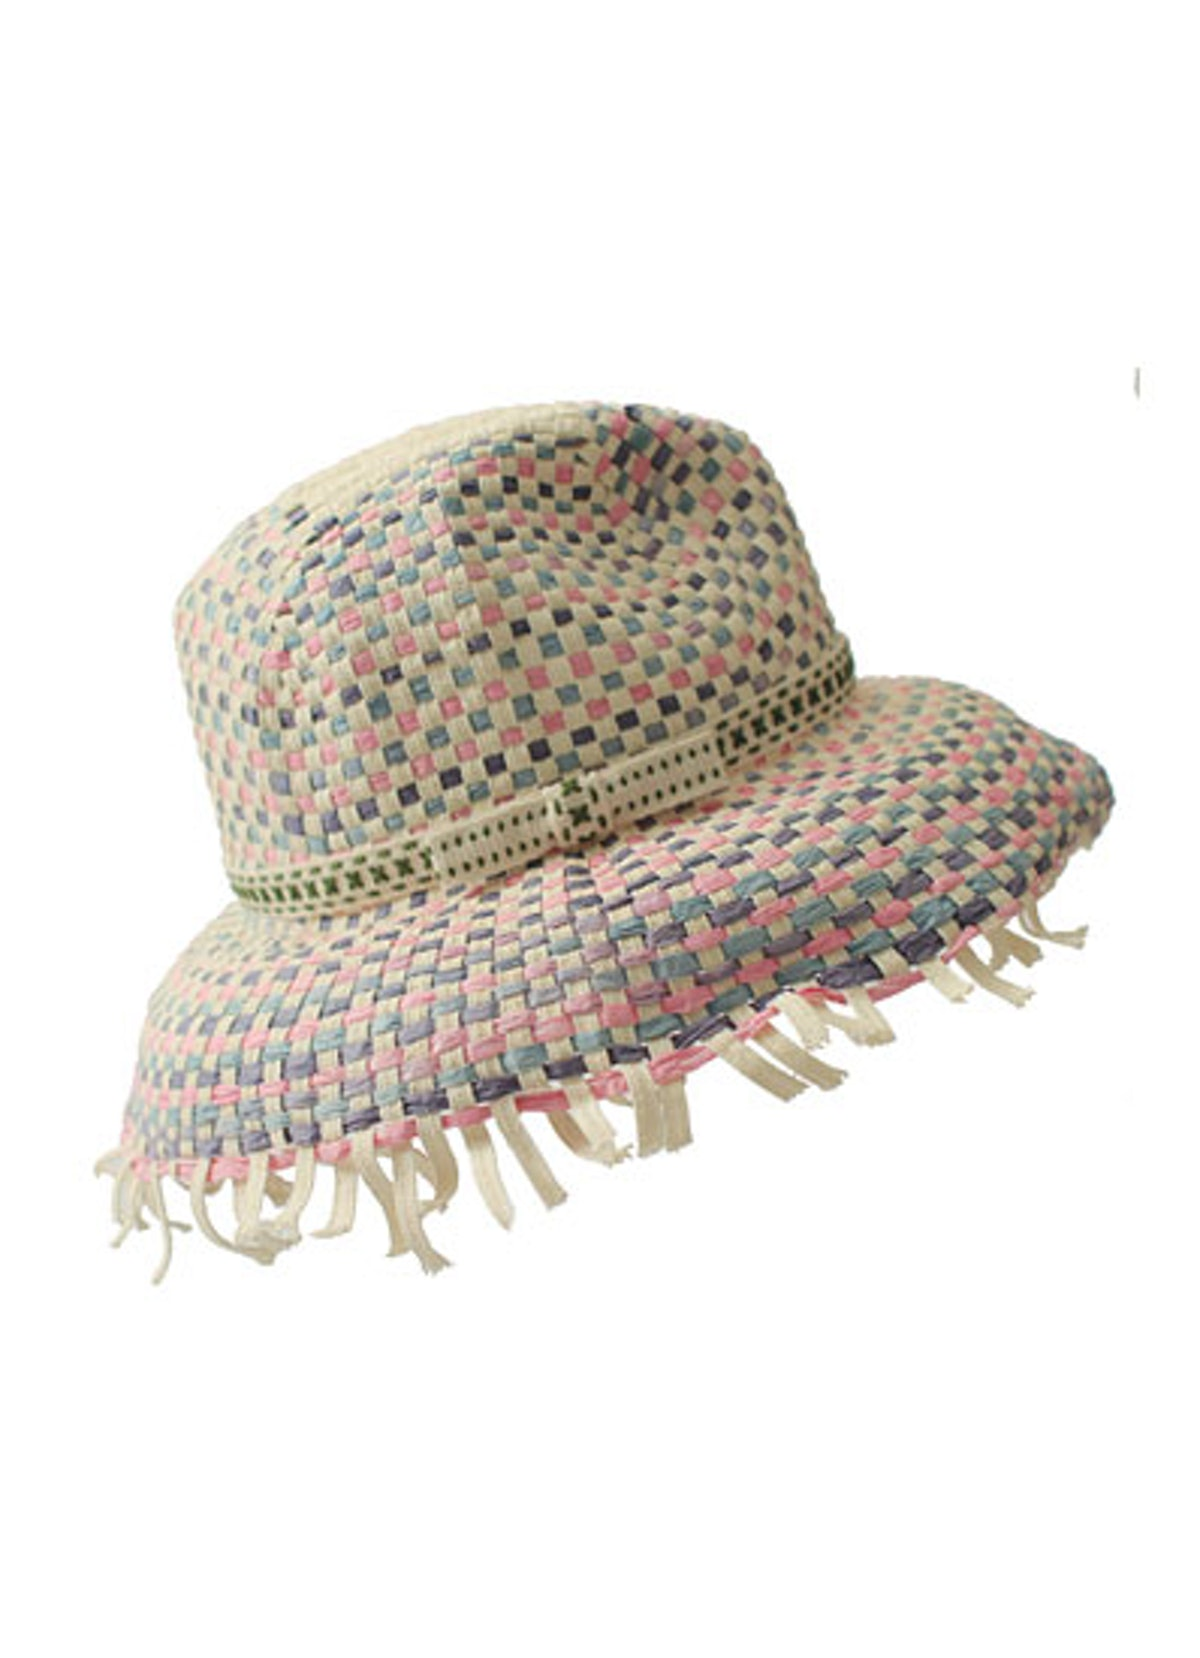 acss-summer-hats-08-v.jpg